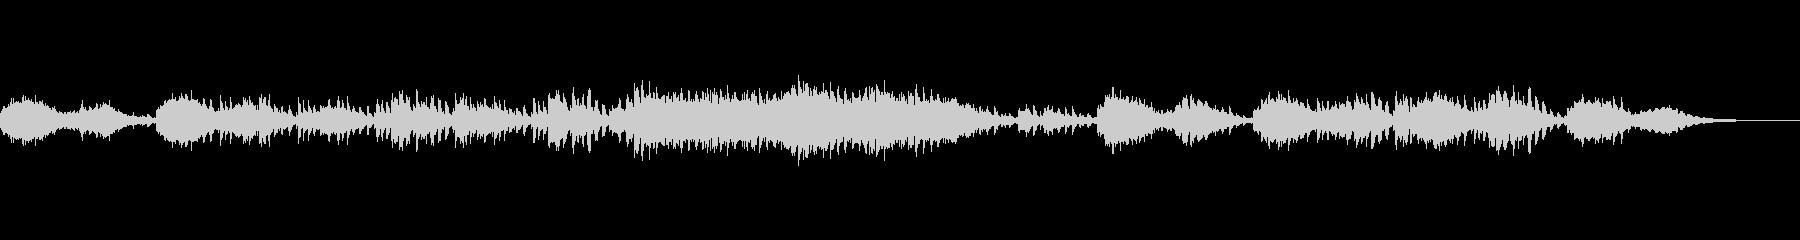 ミステリアスで壮大な響きのメロディーの未再生の波形